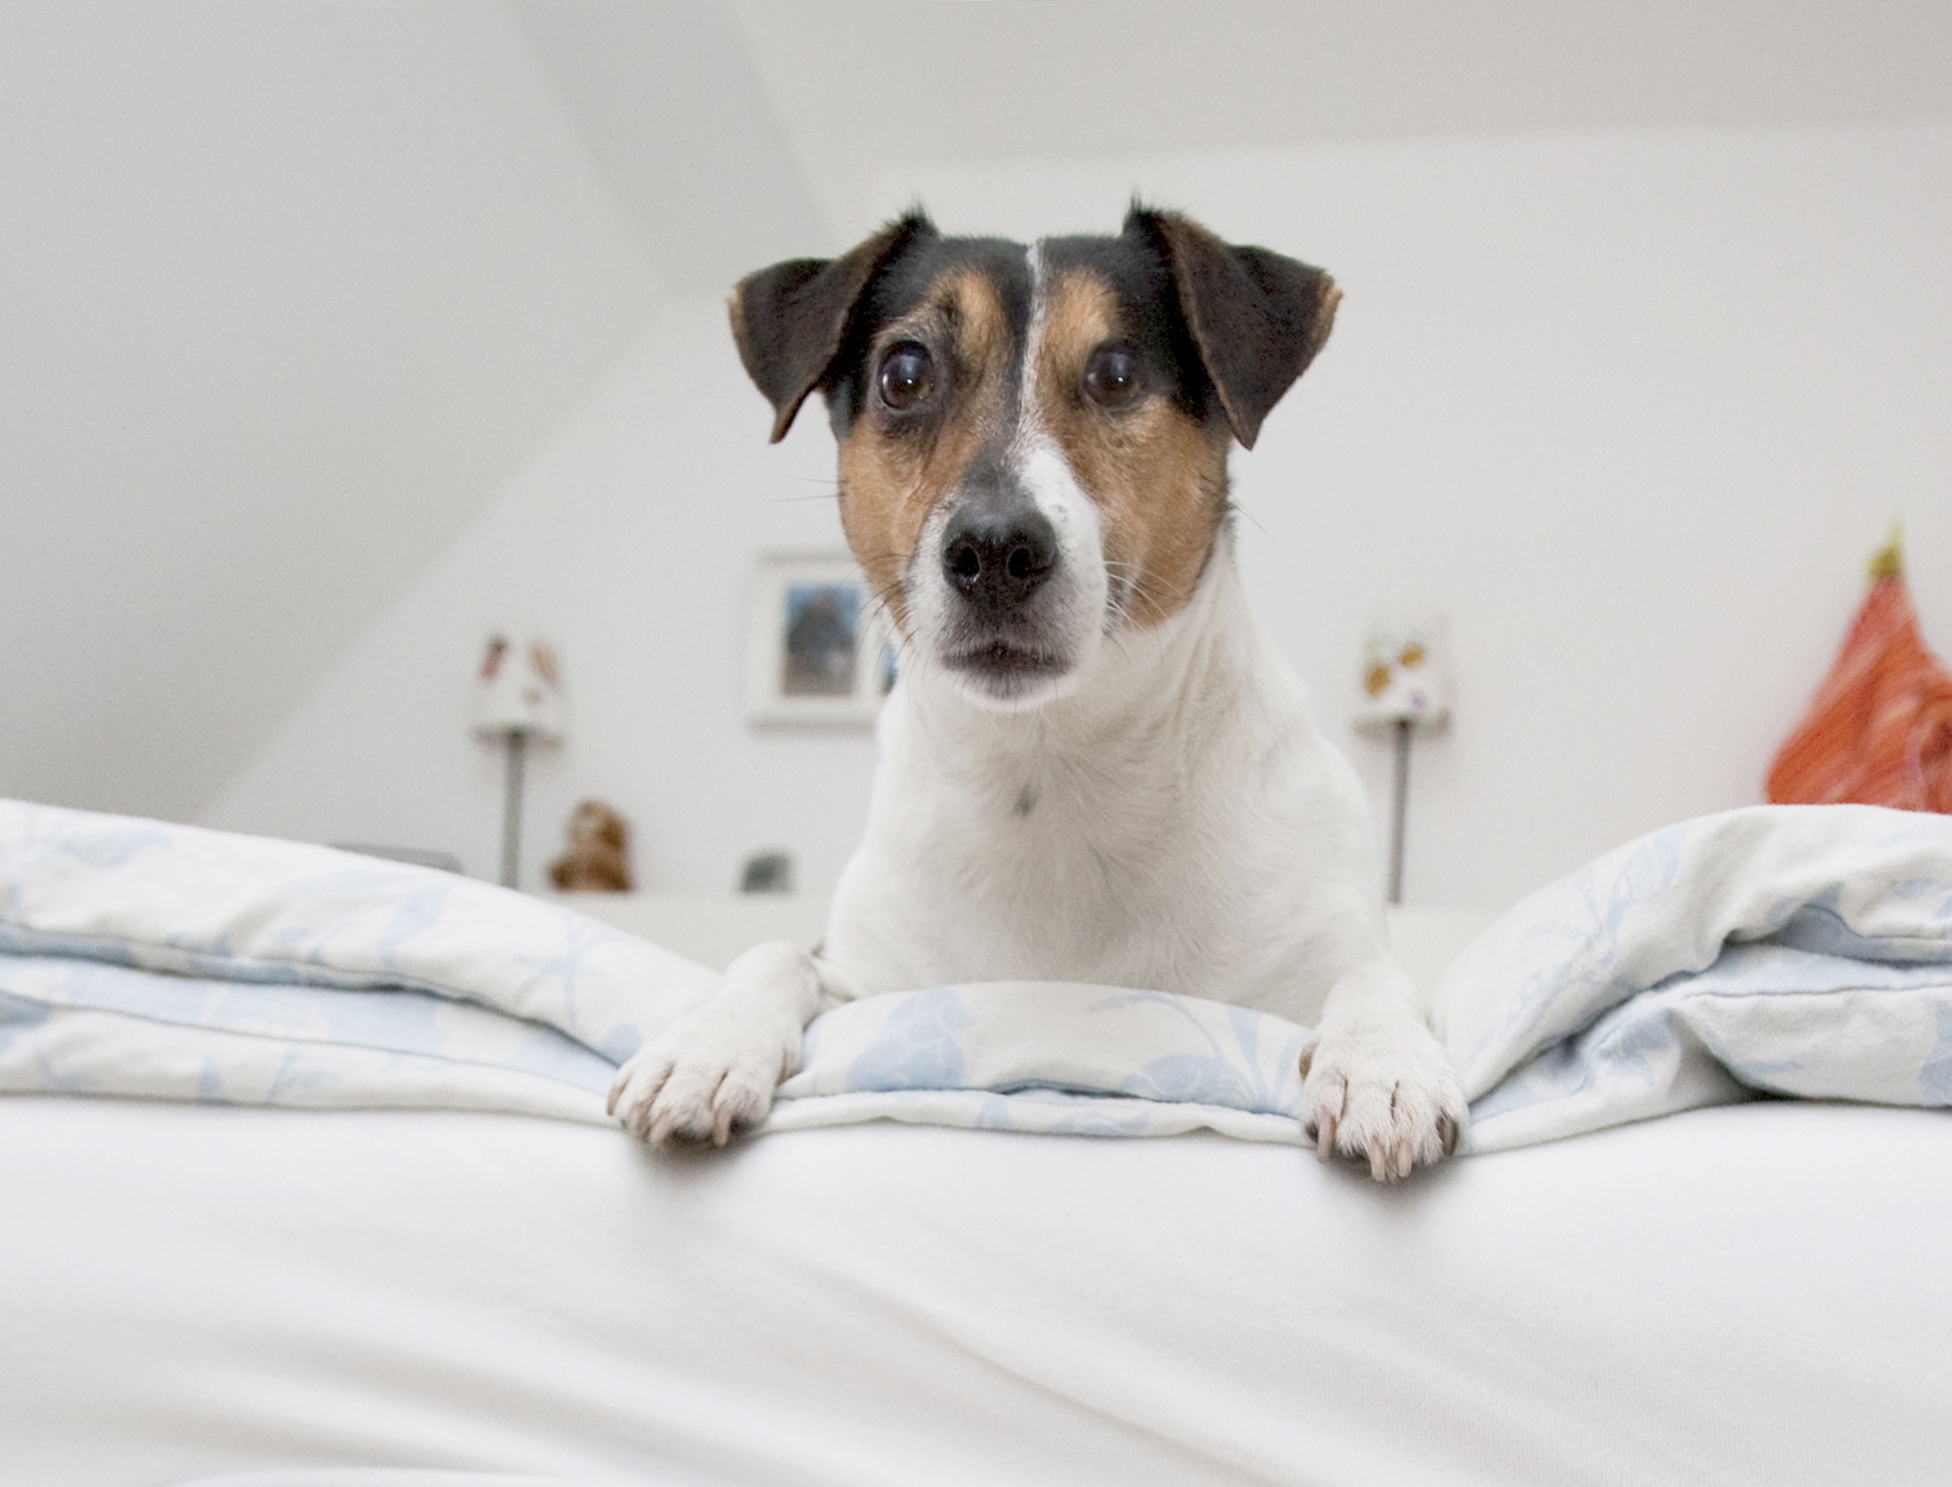 kurzmeldung ein floh bleibt nicht lange allein bundesverband f r tiergesundheit e v. Black Bedroom Furniture Sets. Home Design Ideas